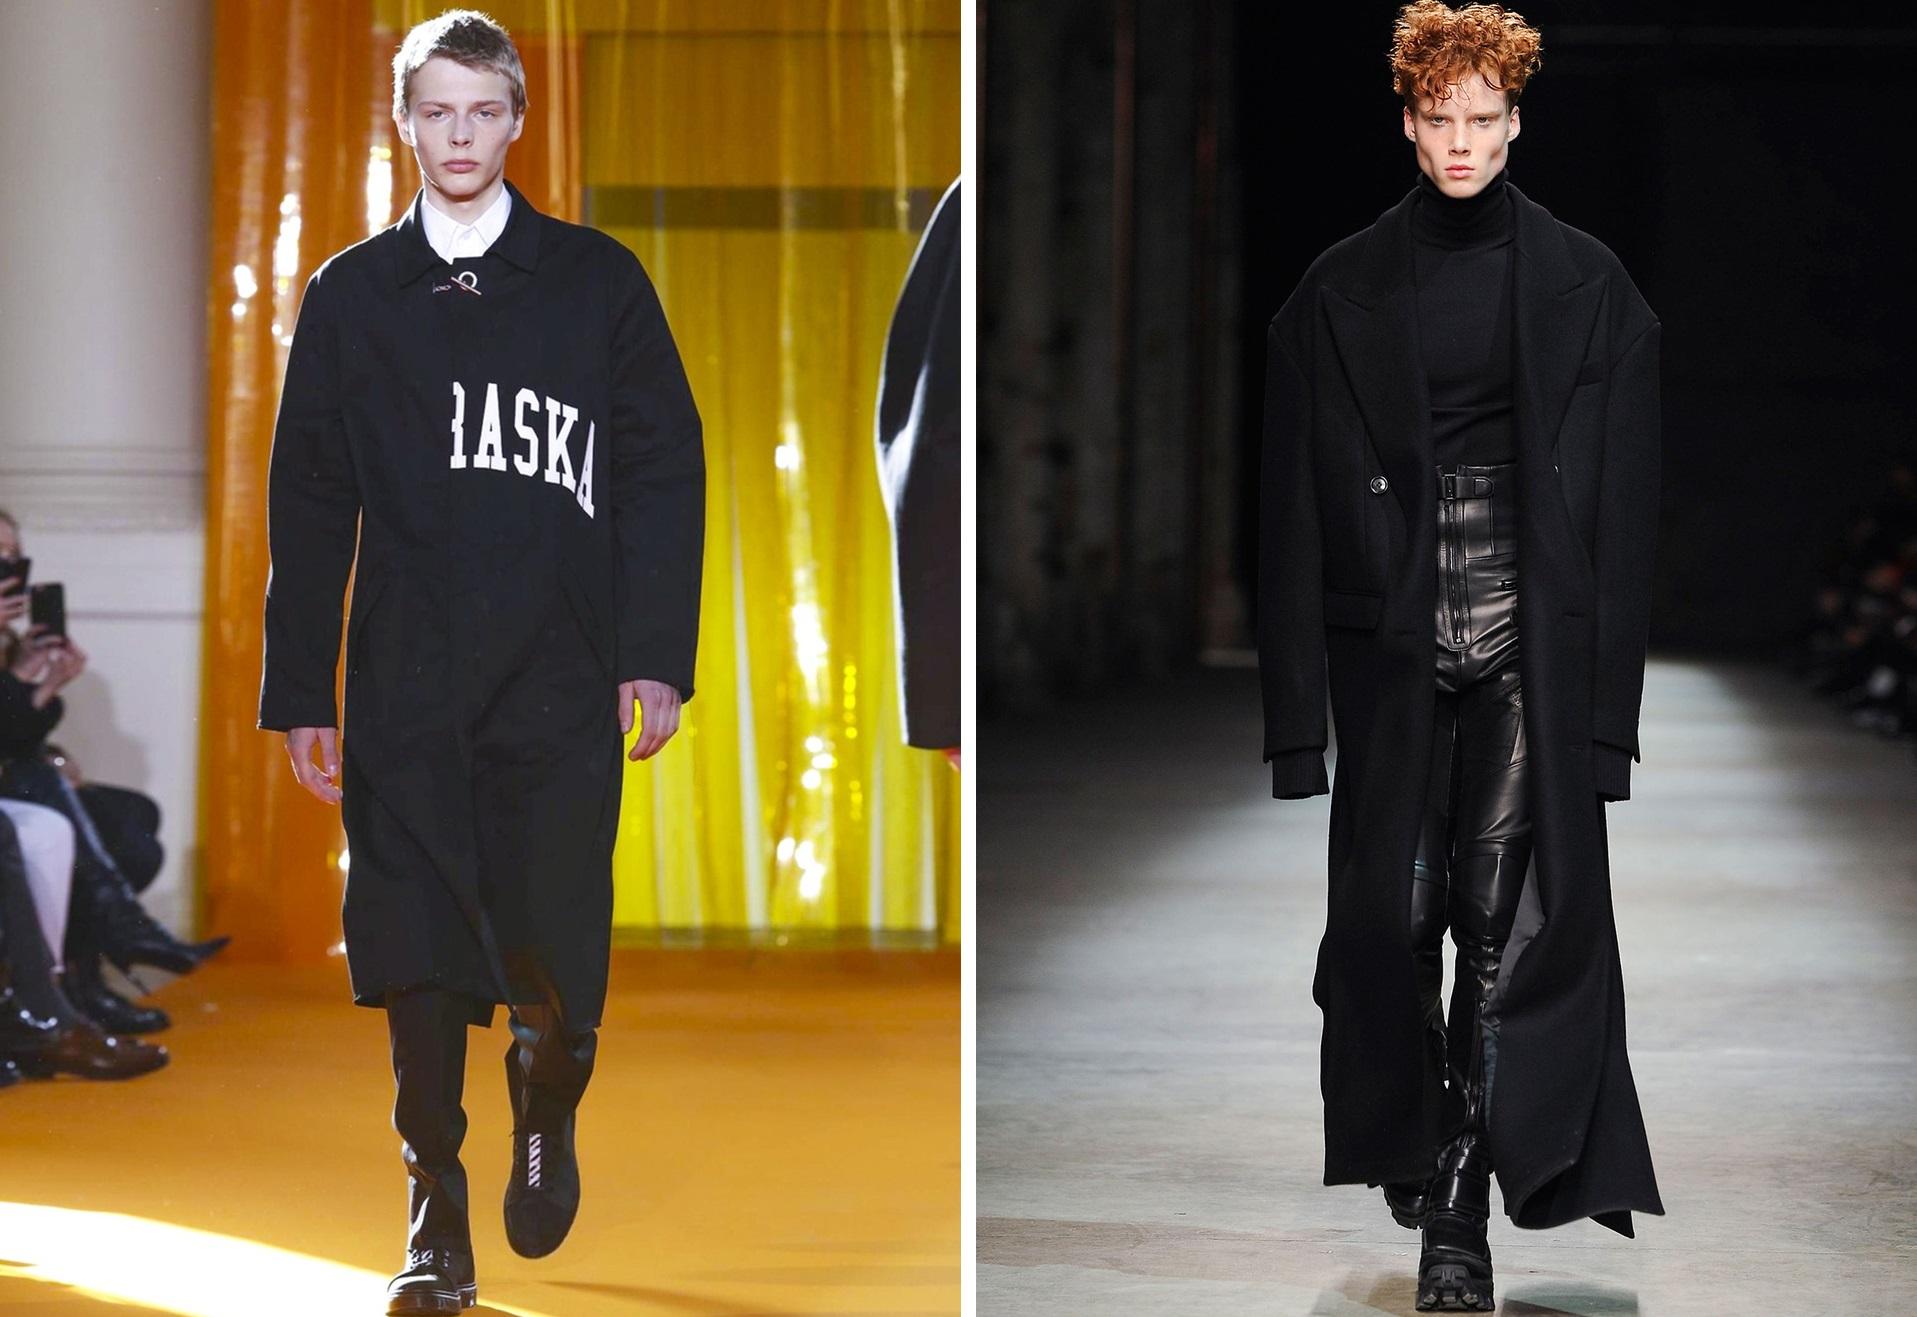 コレクションに目をやると、メンズファッションにおける2016年,17年の流行キーワードの一つに「コート」が挙げられます。中でもややビッグなシルエットのタイプや、